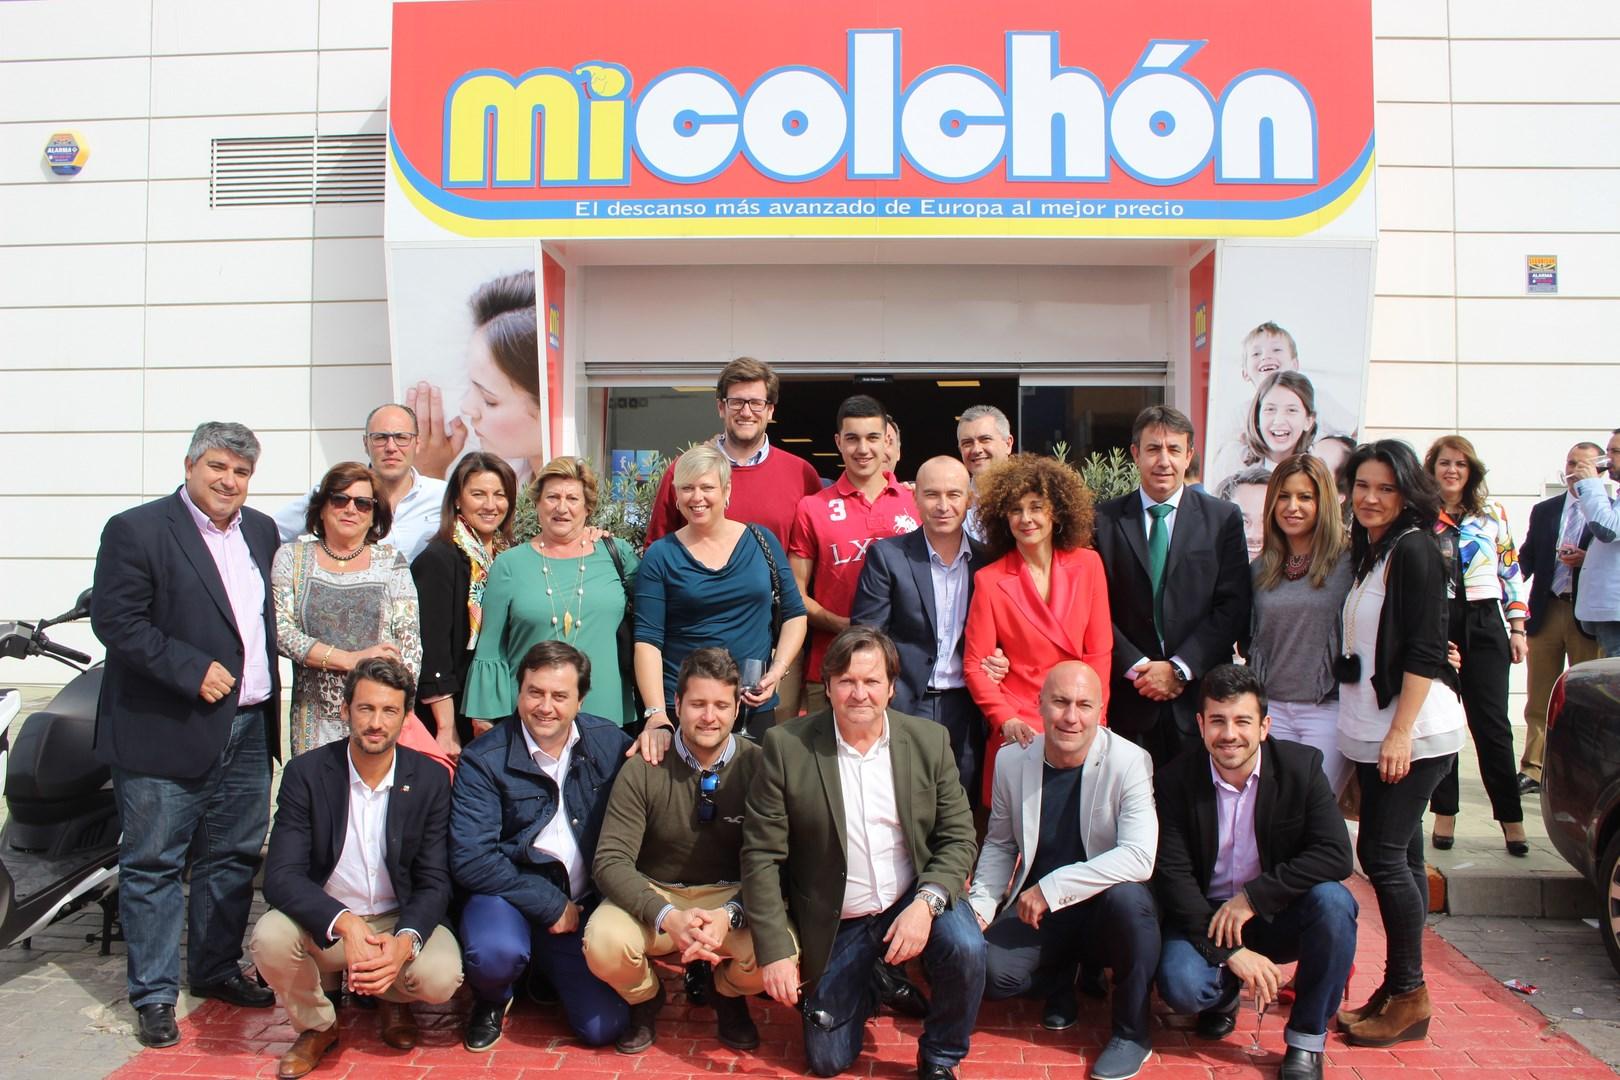 Grupo de empresarios deportivos con Jose Carlos Gaspar, campeón del mundo de Padel